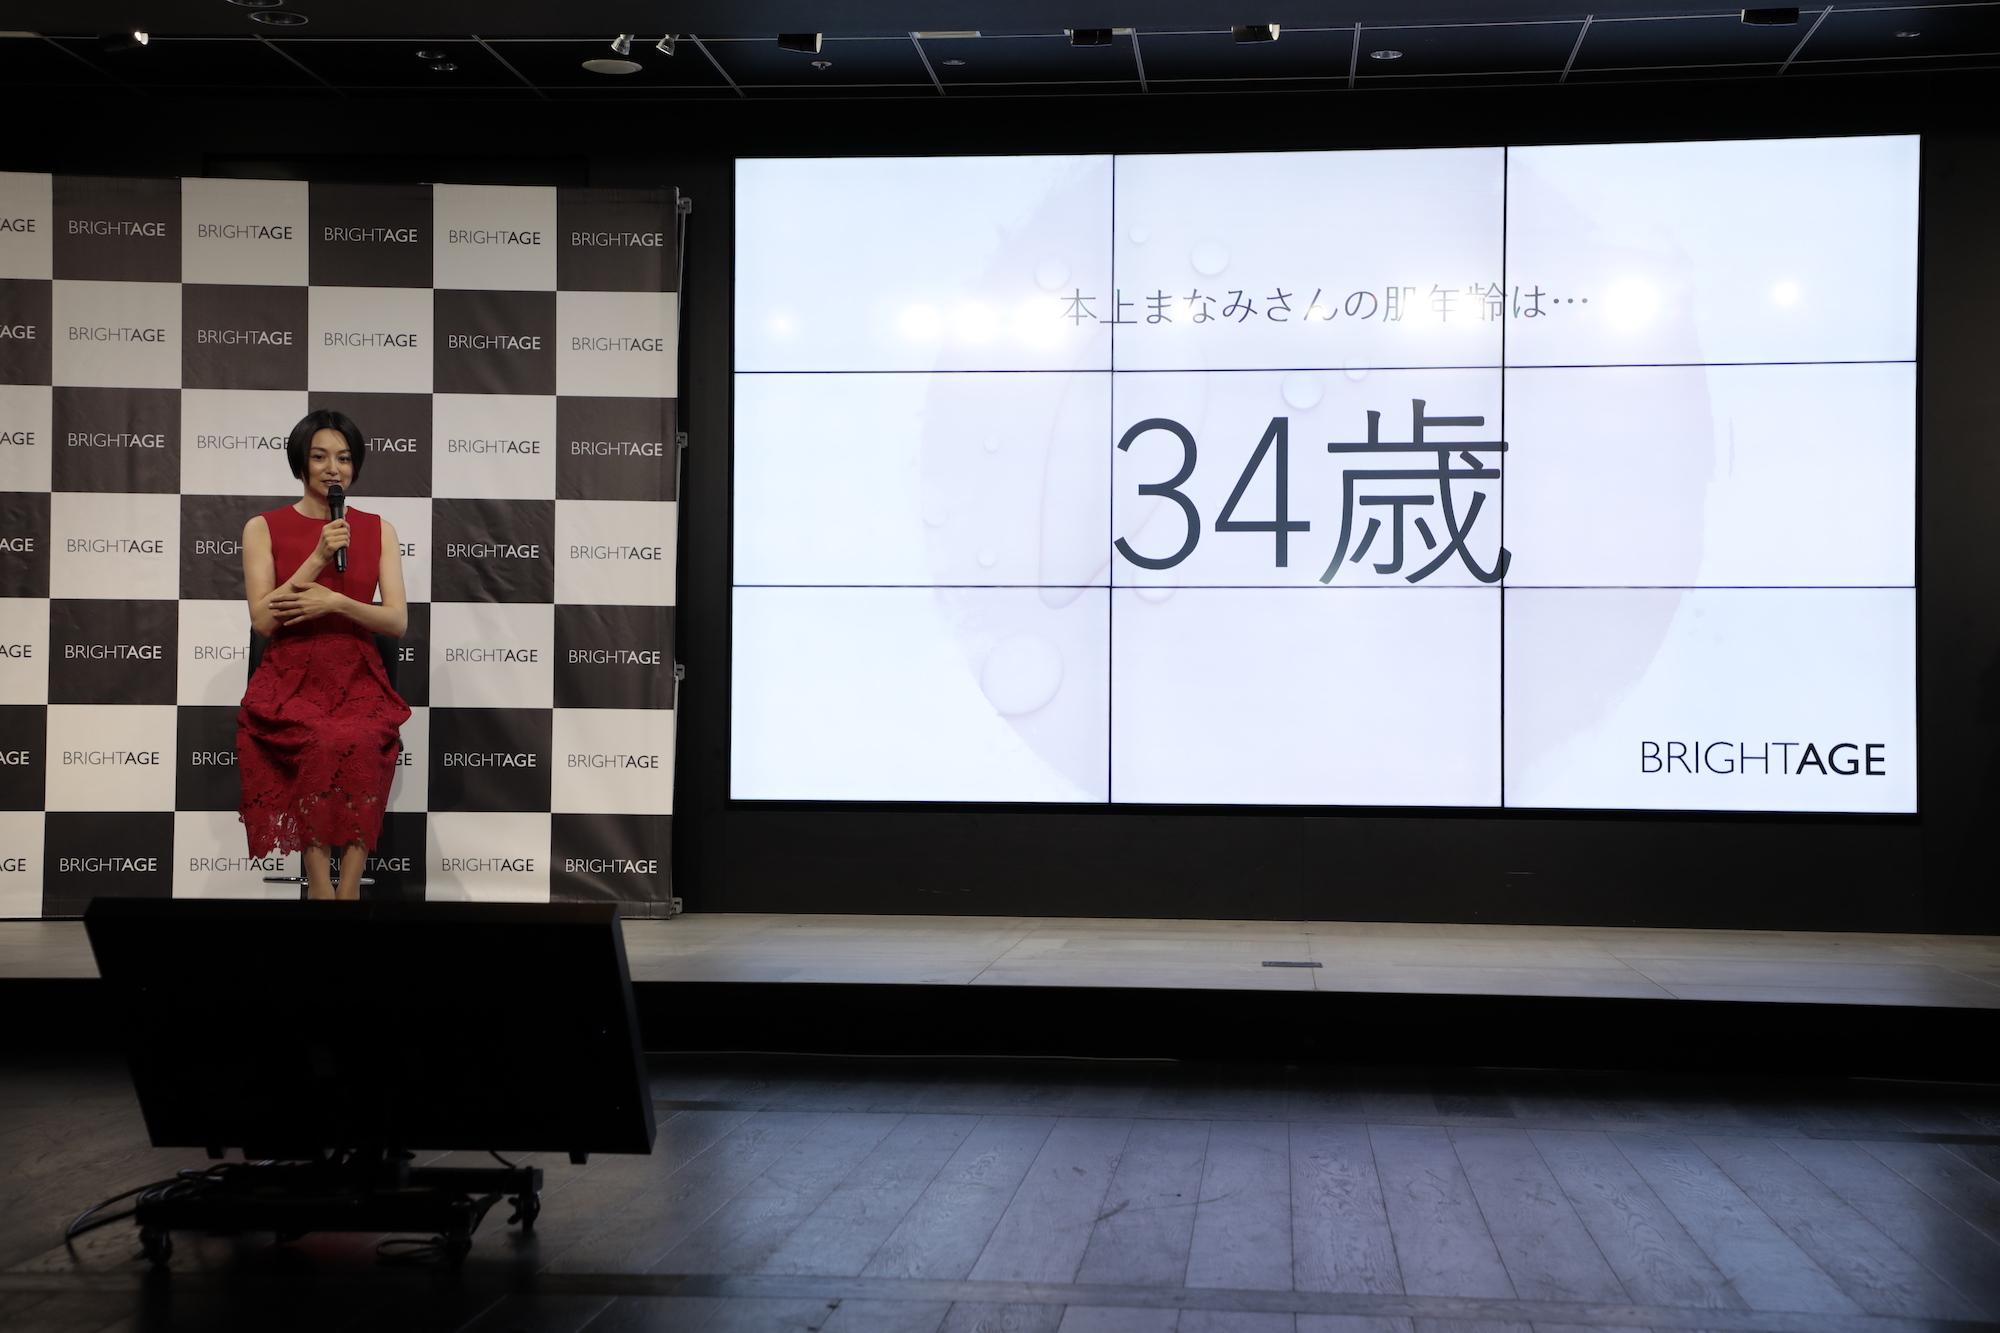 本上まなみ/500万本突破記念 ブライトエイジPR発表会(2020年7月8日)